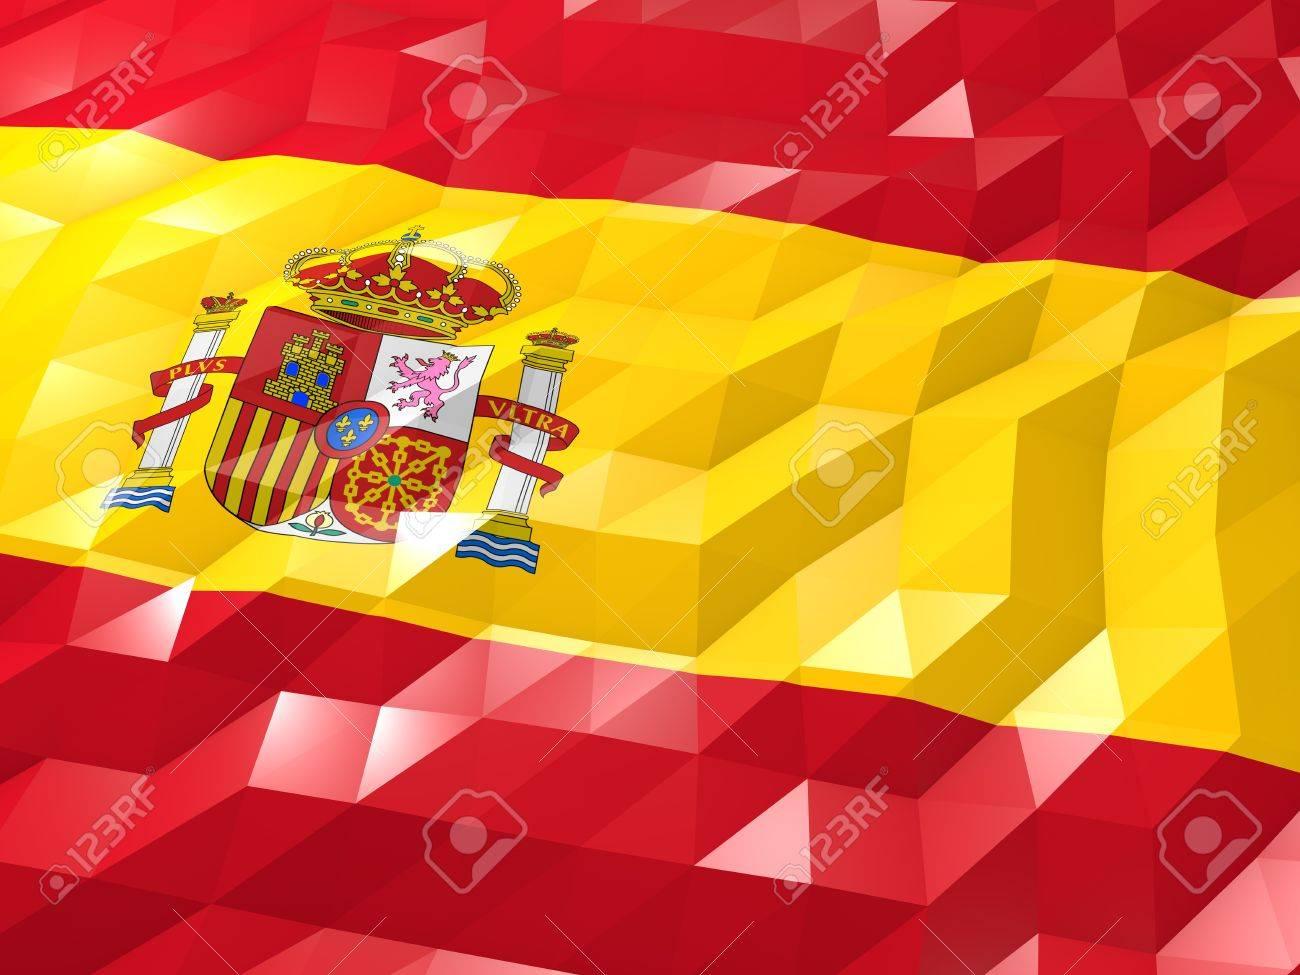 スペインの 3 D 壁紙イラスト 国の象徴 低多角形の光沢のある折り紙スタイルの旗 の写真素材 画像素材 Image